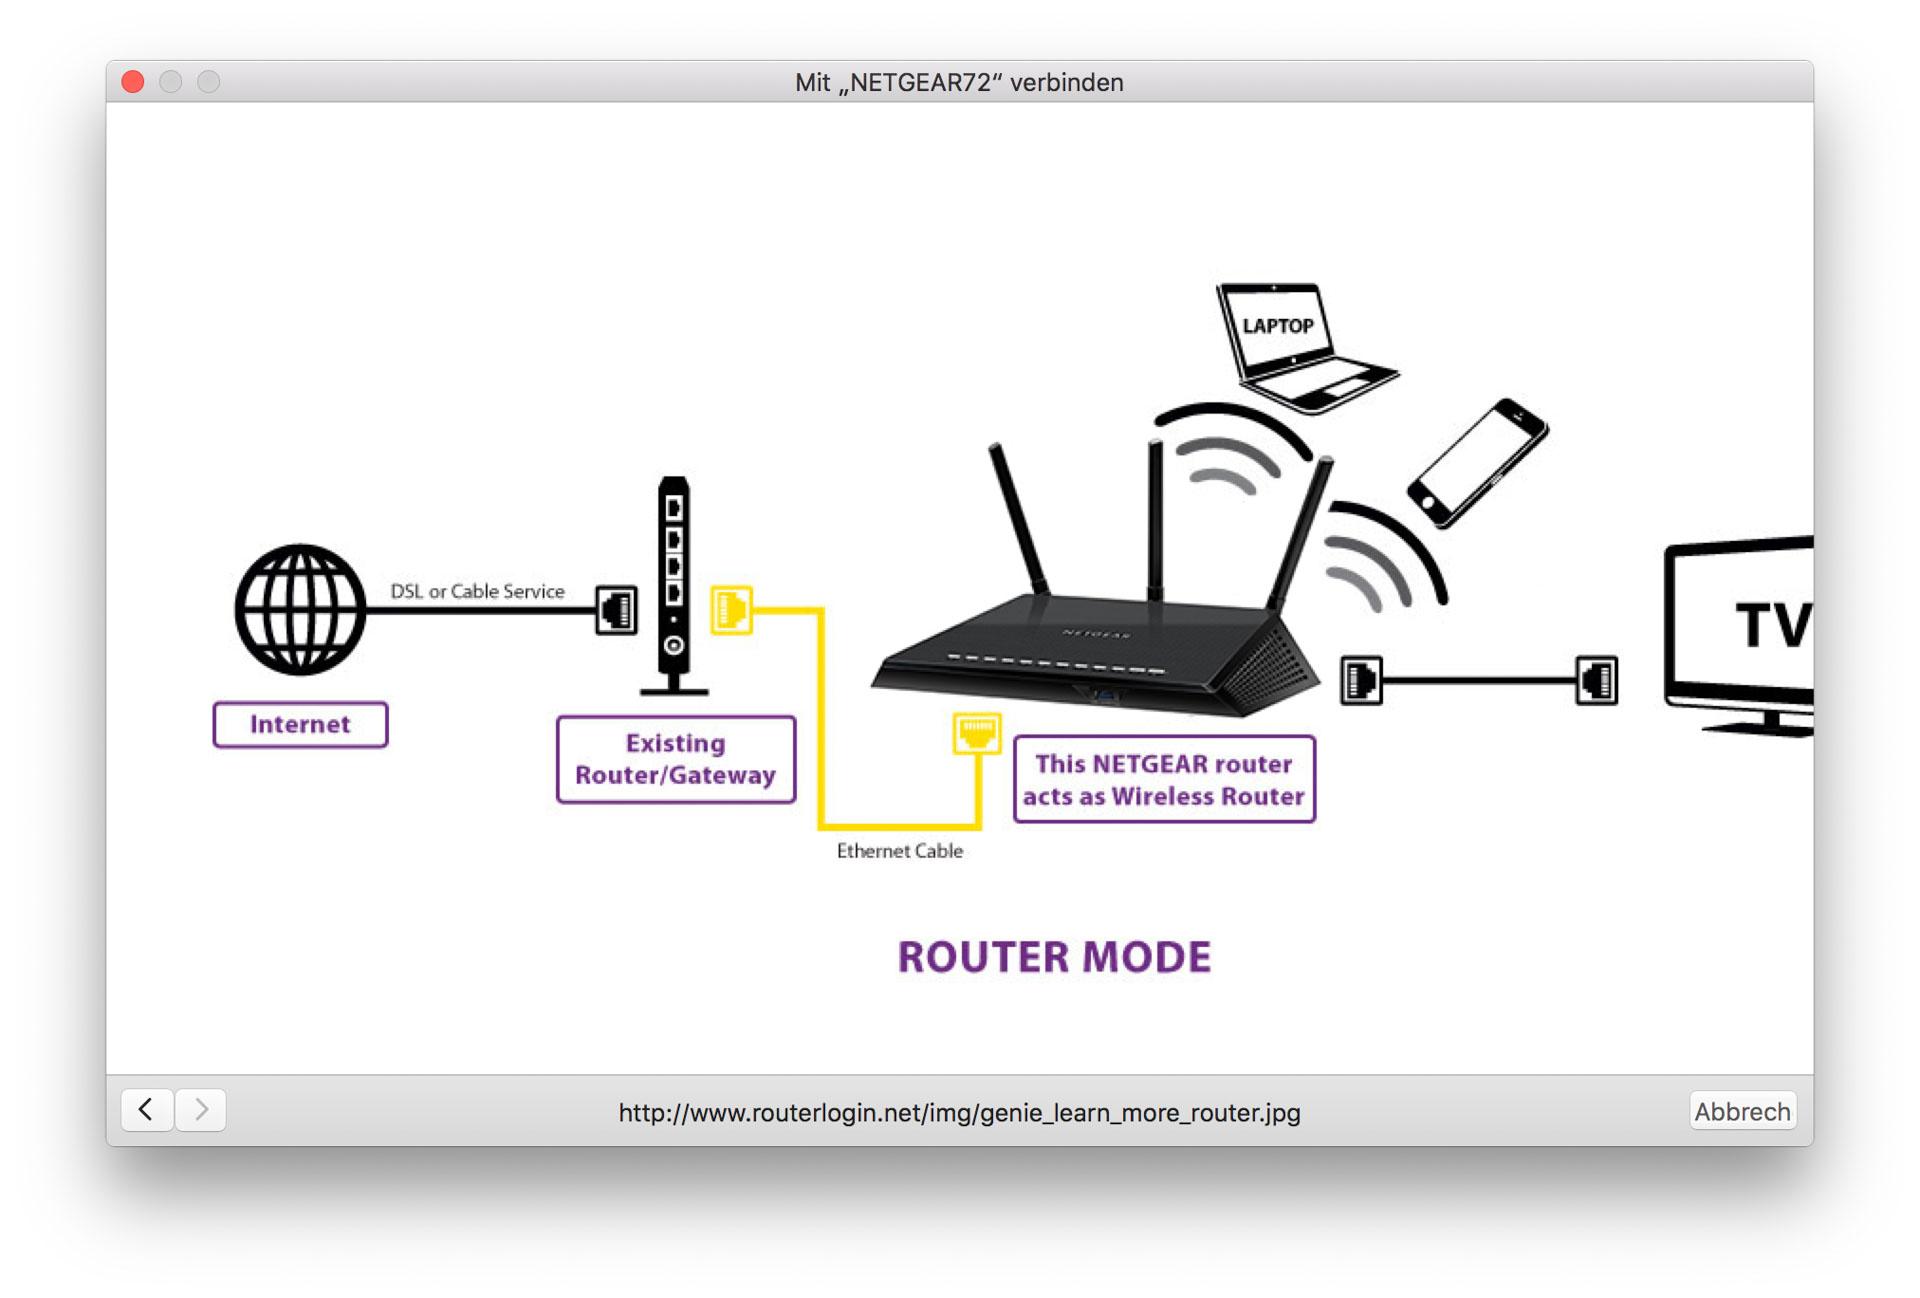 Netgears neuster und bester WLAN Router!? Netgear R6400